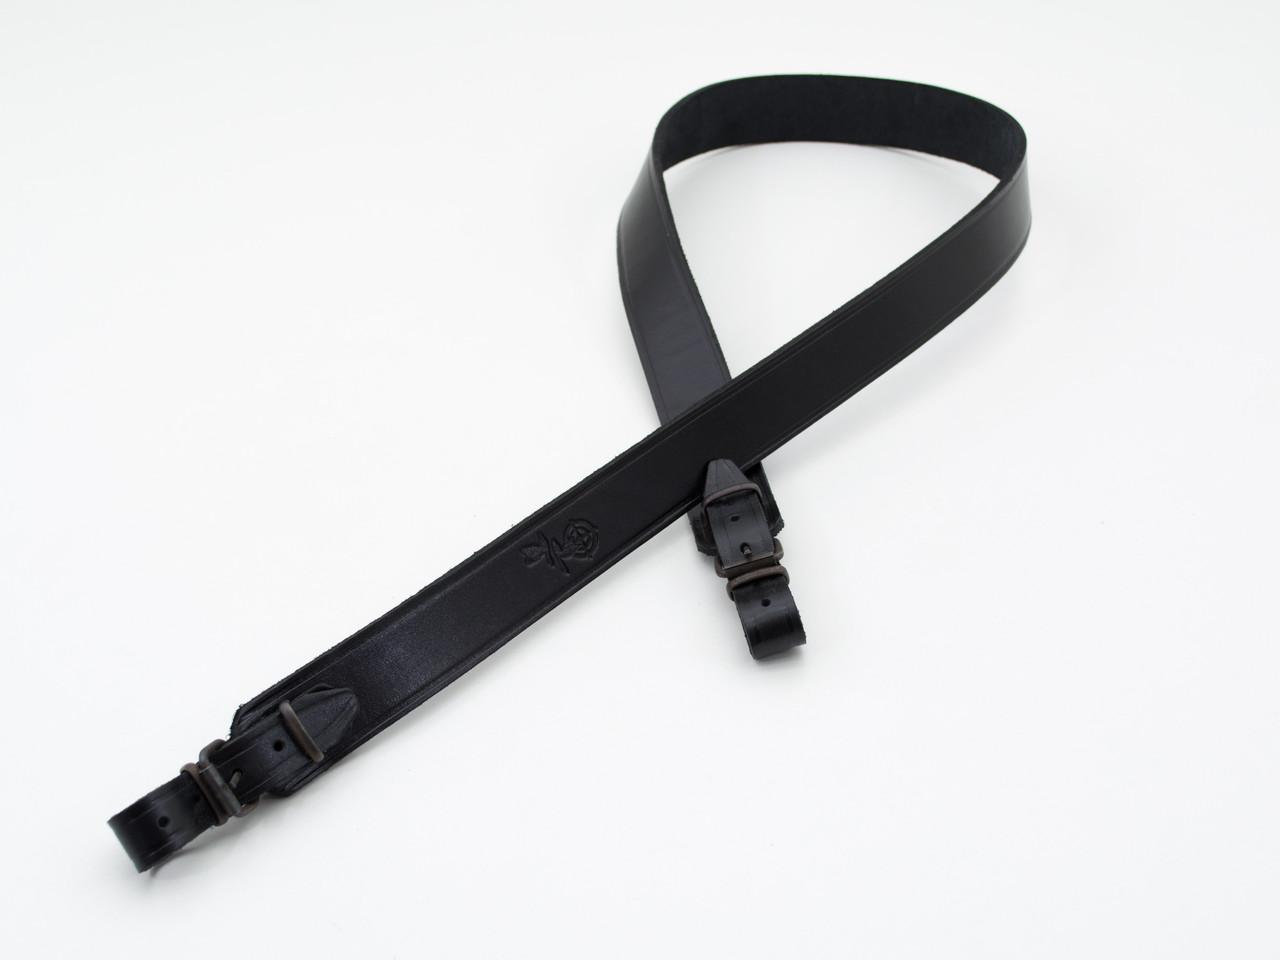 Ремень для ружья прямой кожаный черный 5021/1, фото 1